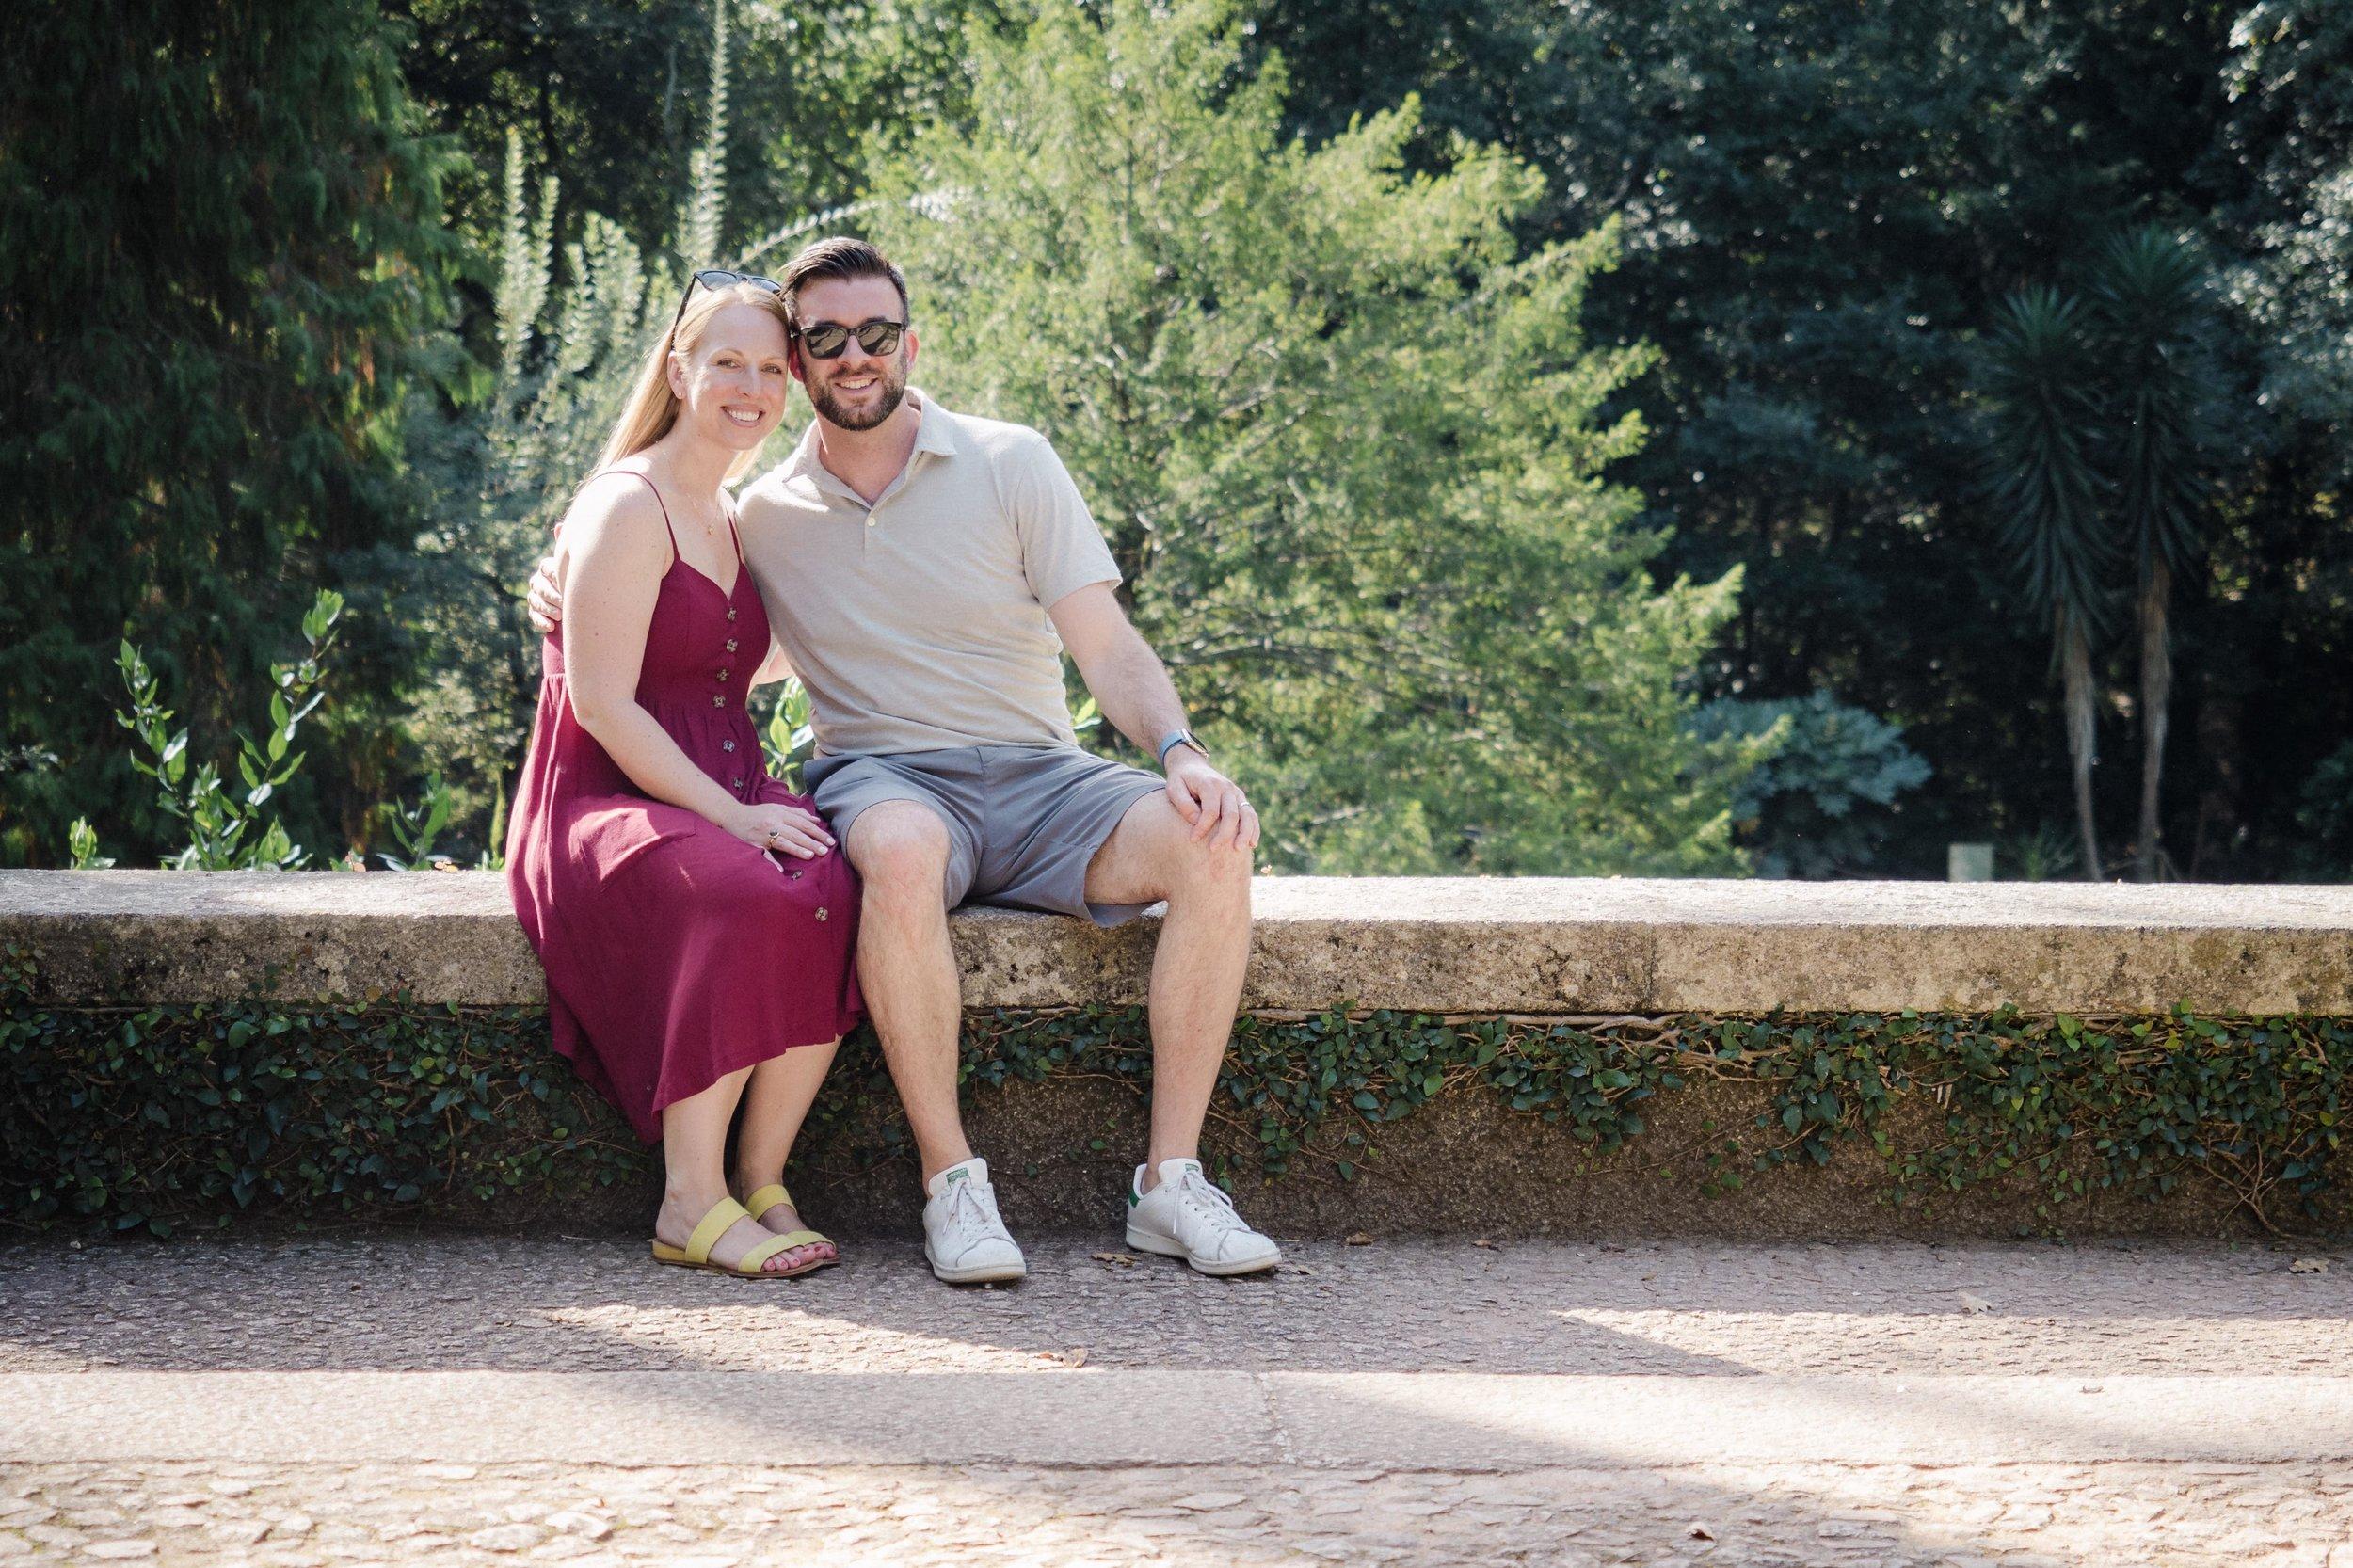 Lauren and I posing in the gardens of Serralves.